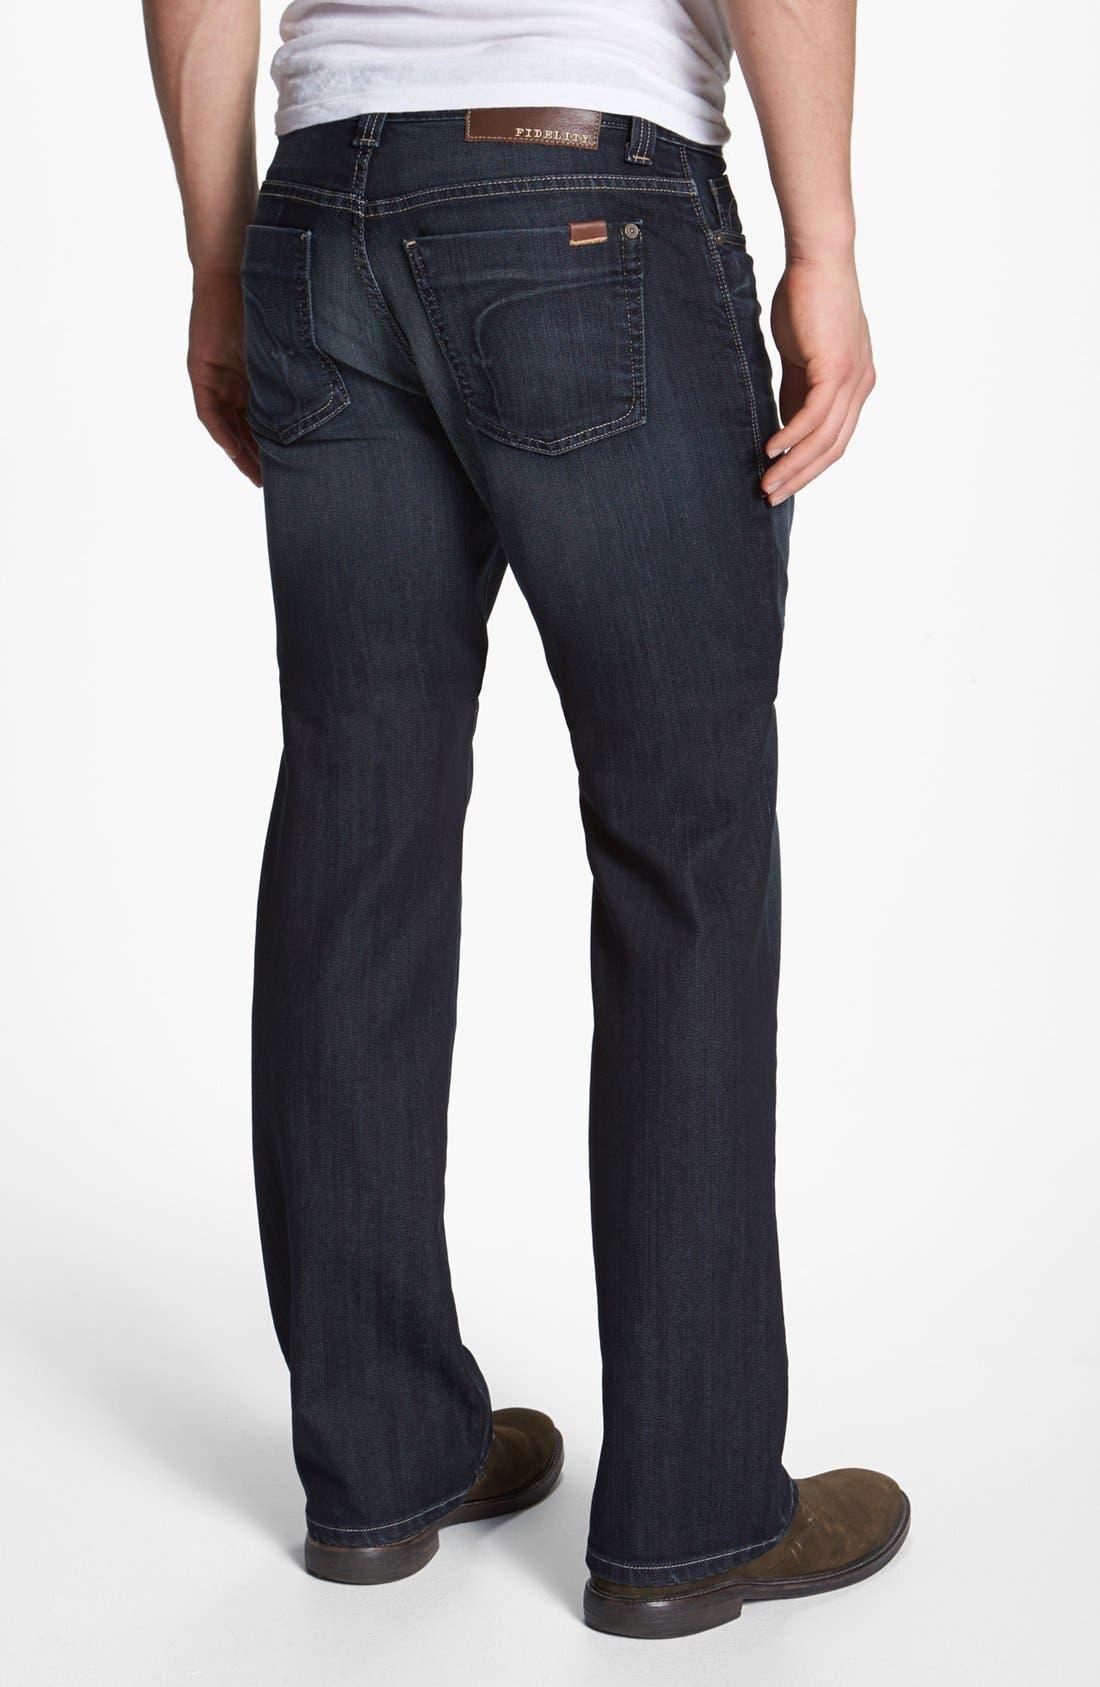 Alternate Image 2  - Fidelity Denim 'Camino' Relaxed Leg Jeans (Trigger Marx)